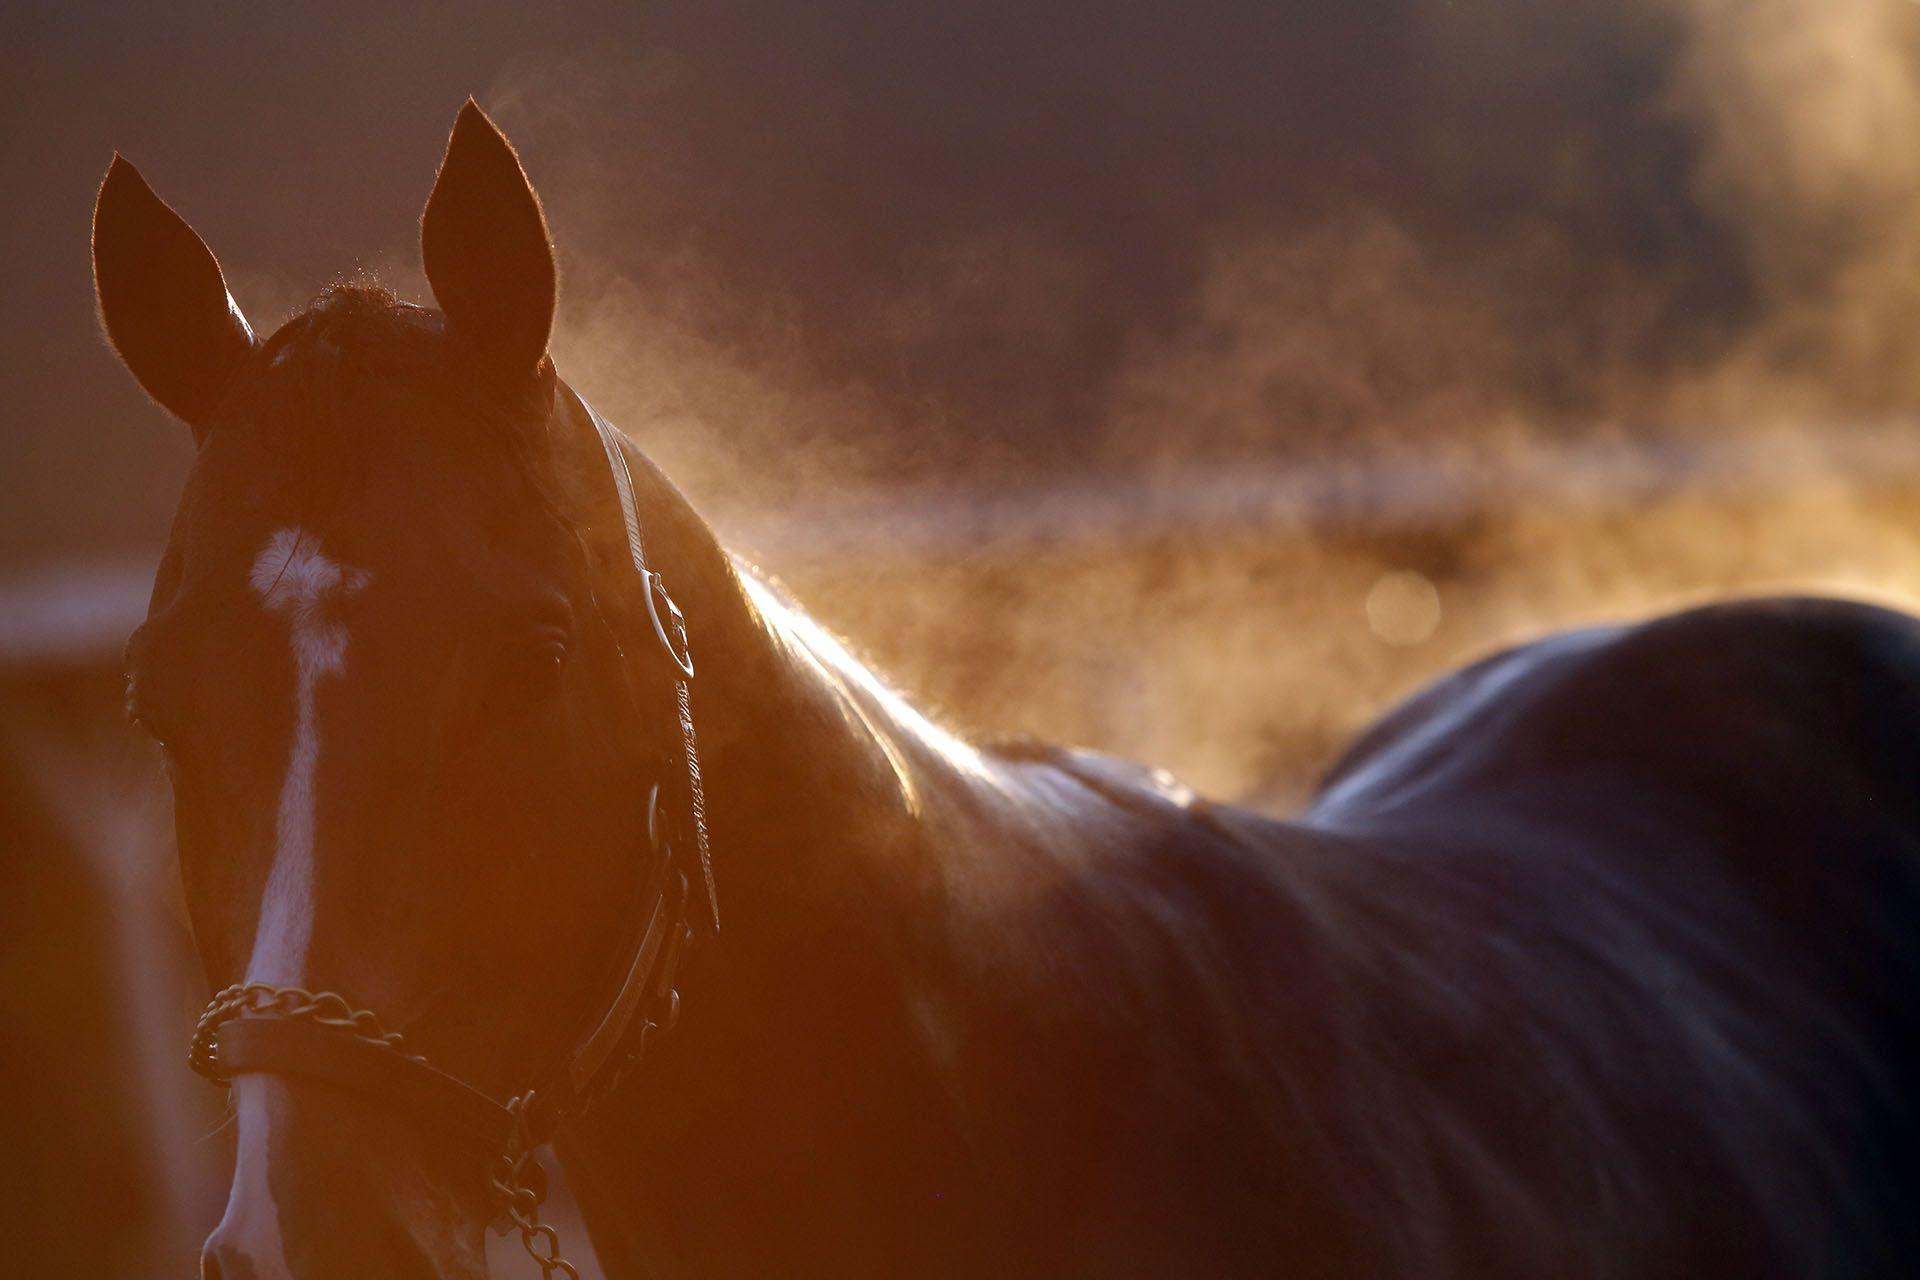 El suero equino hiperinmune es un desarrollo argentino contra el COVID-19 -Luke Sharrett/Bloomberg